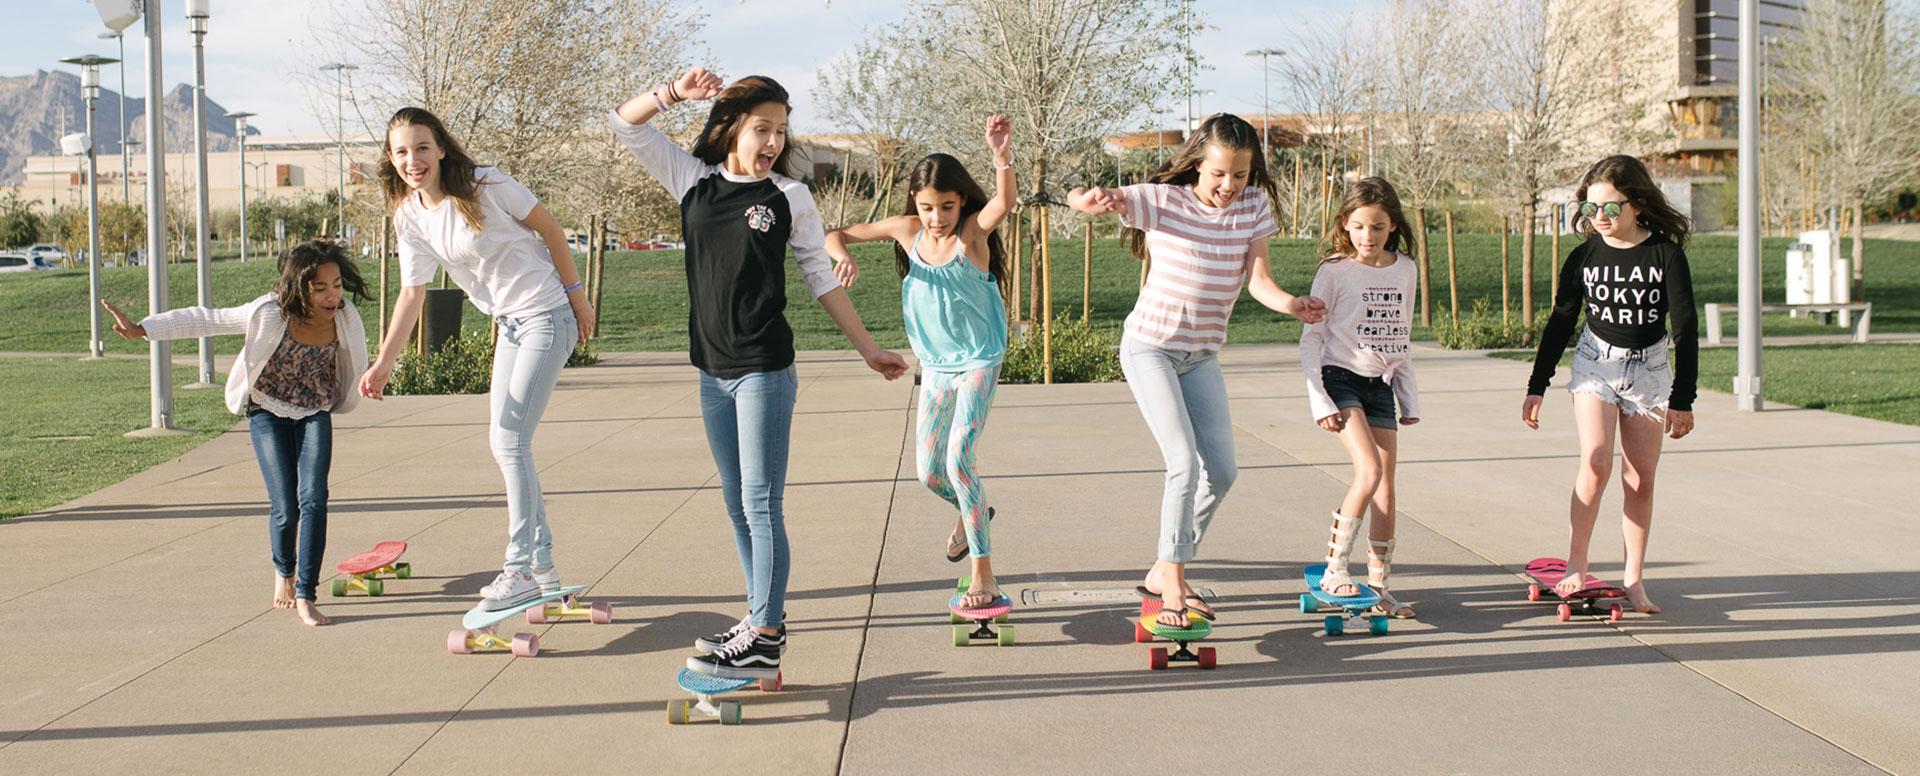 girl-nation-header-skateboard